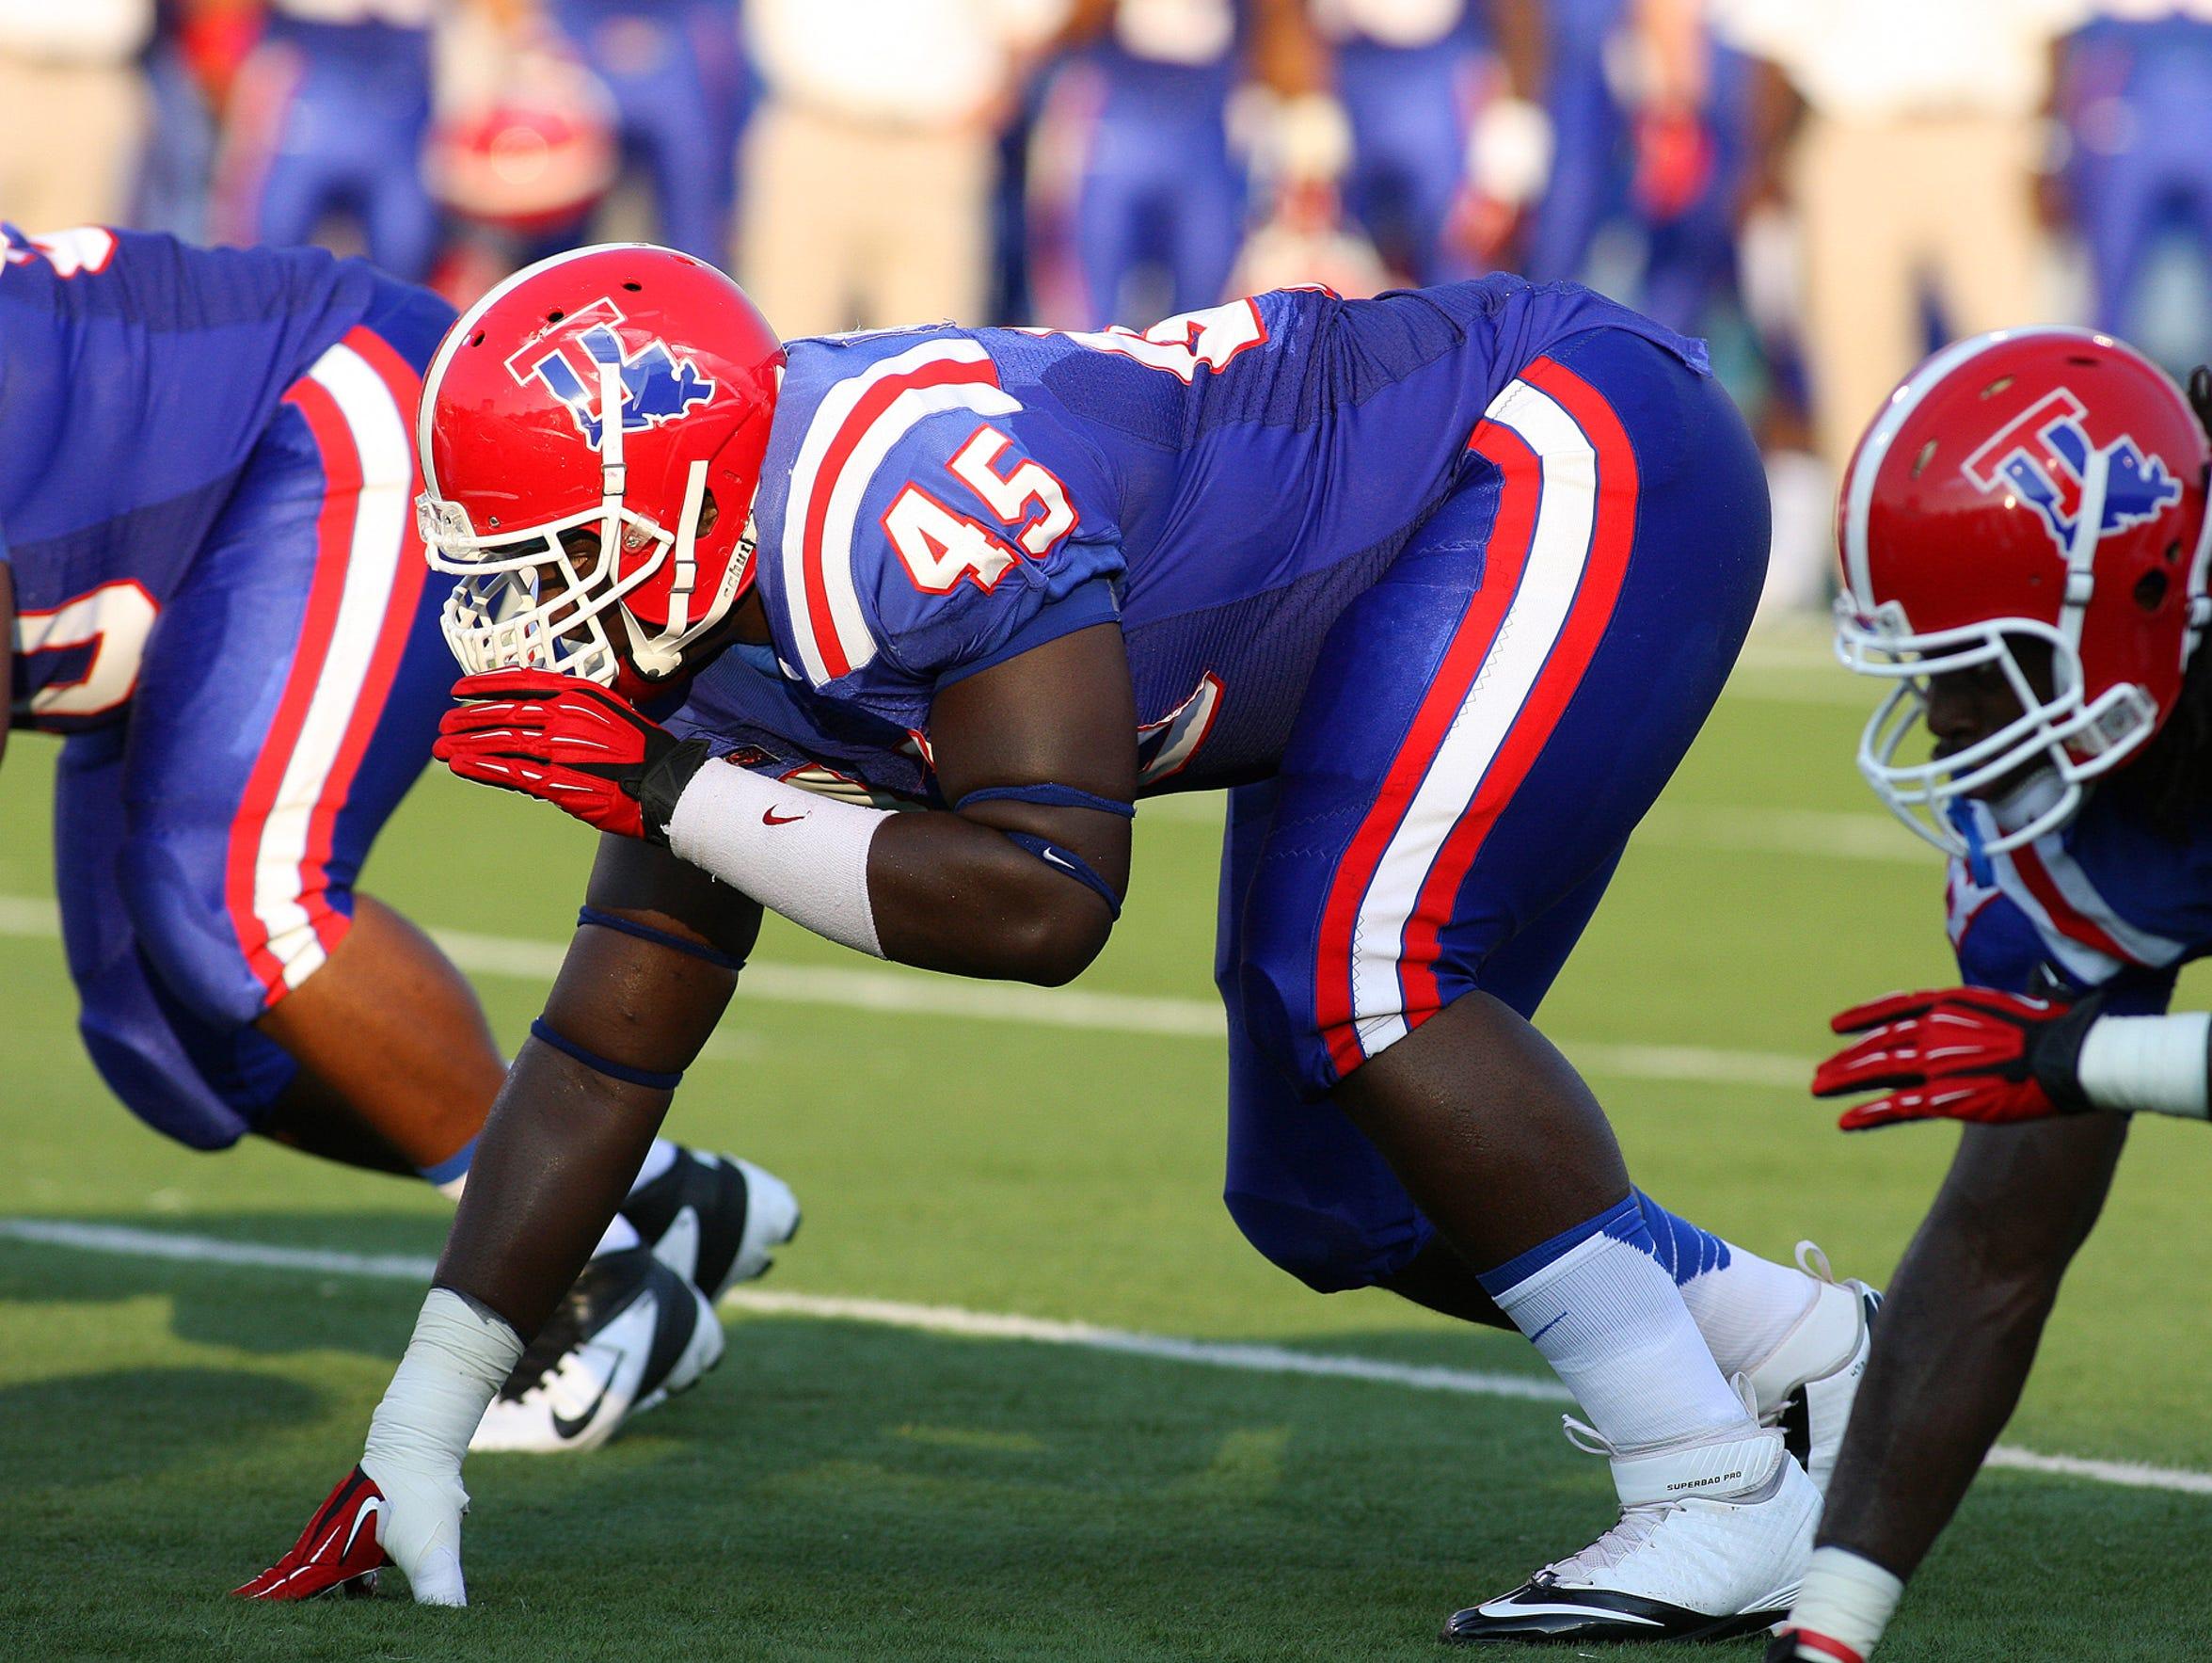 Louisiana Tech defensive tackle Vernon Butler won player